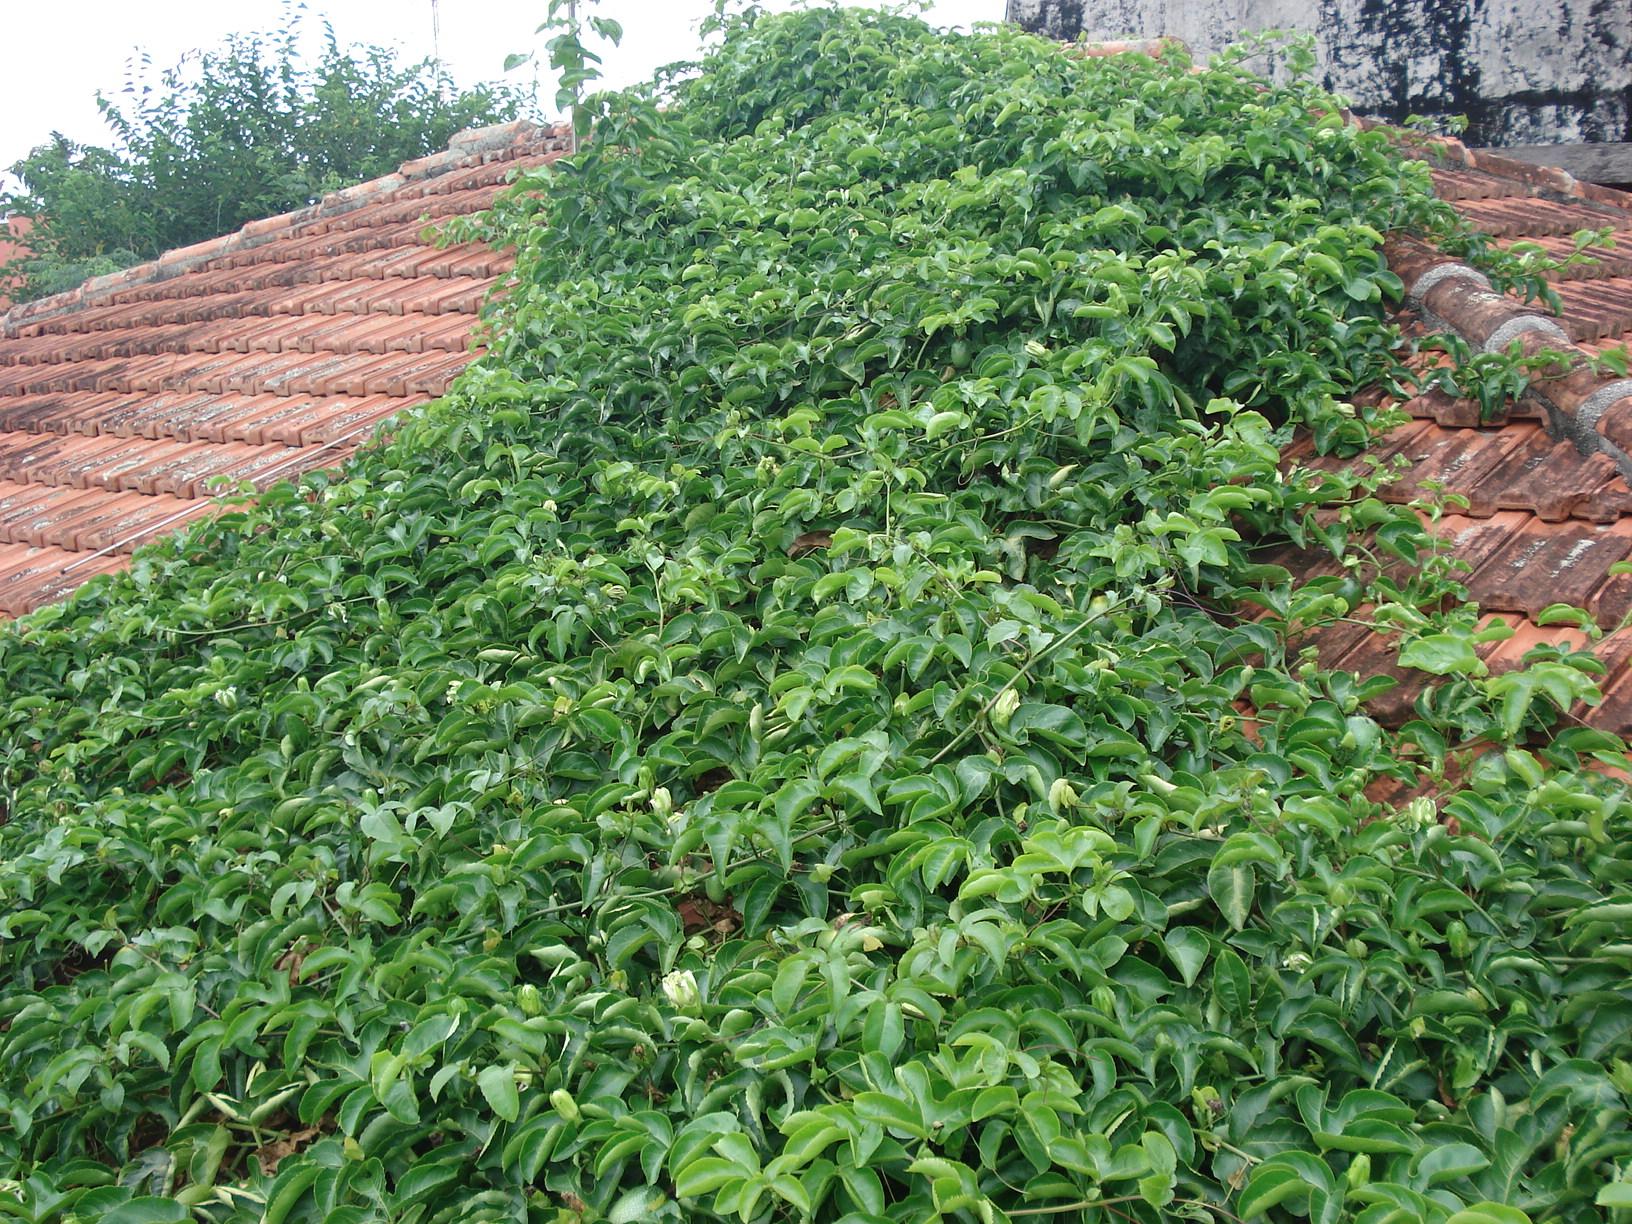 Maracujá formando o telhado verde.